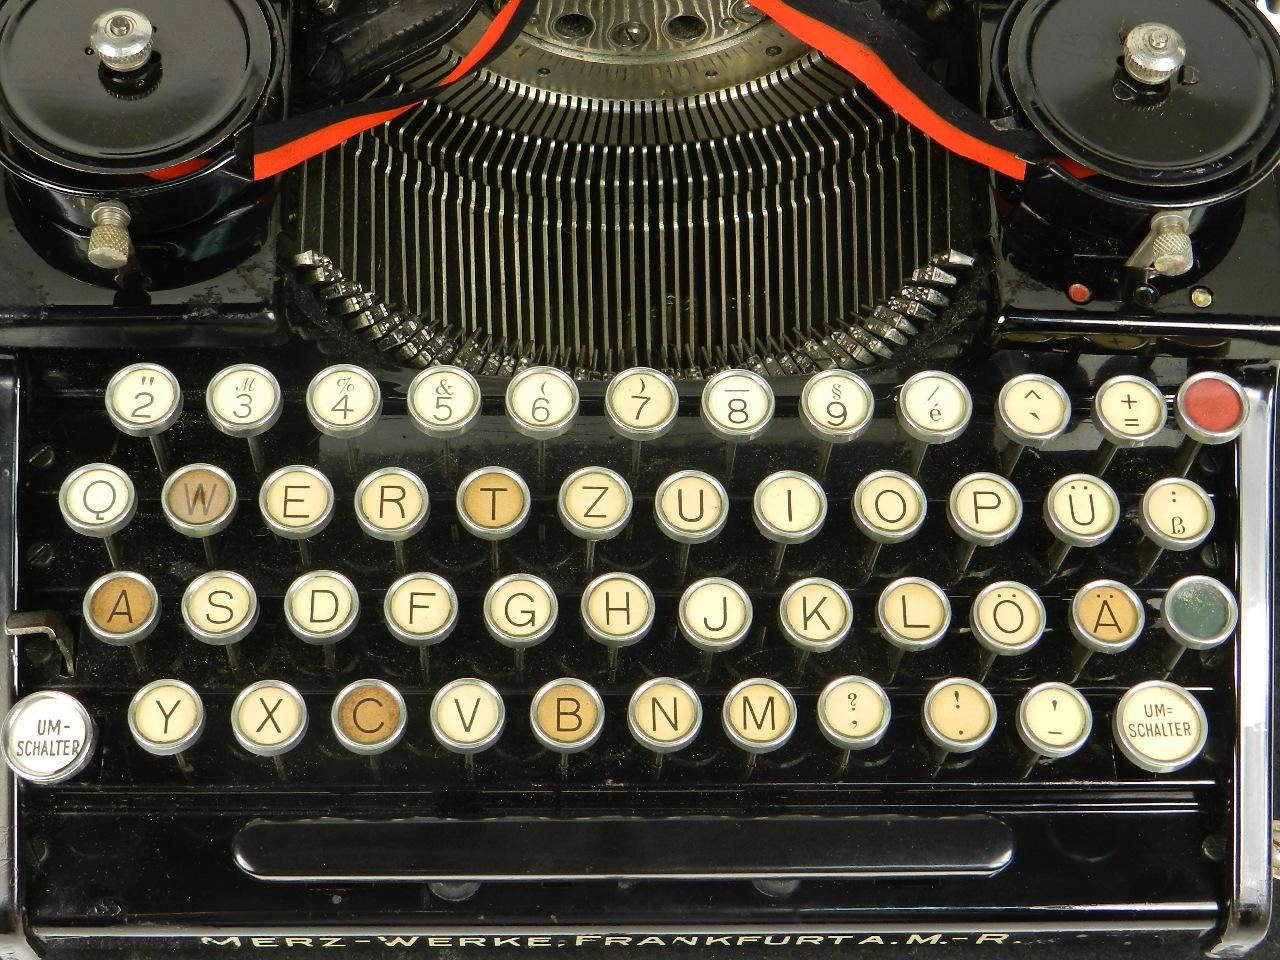 Imagen MERZ UNIVERSAL AÑO 1930 29255